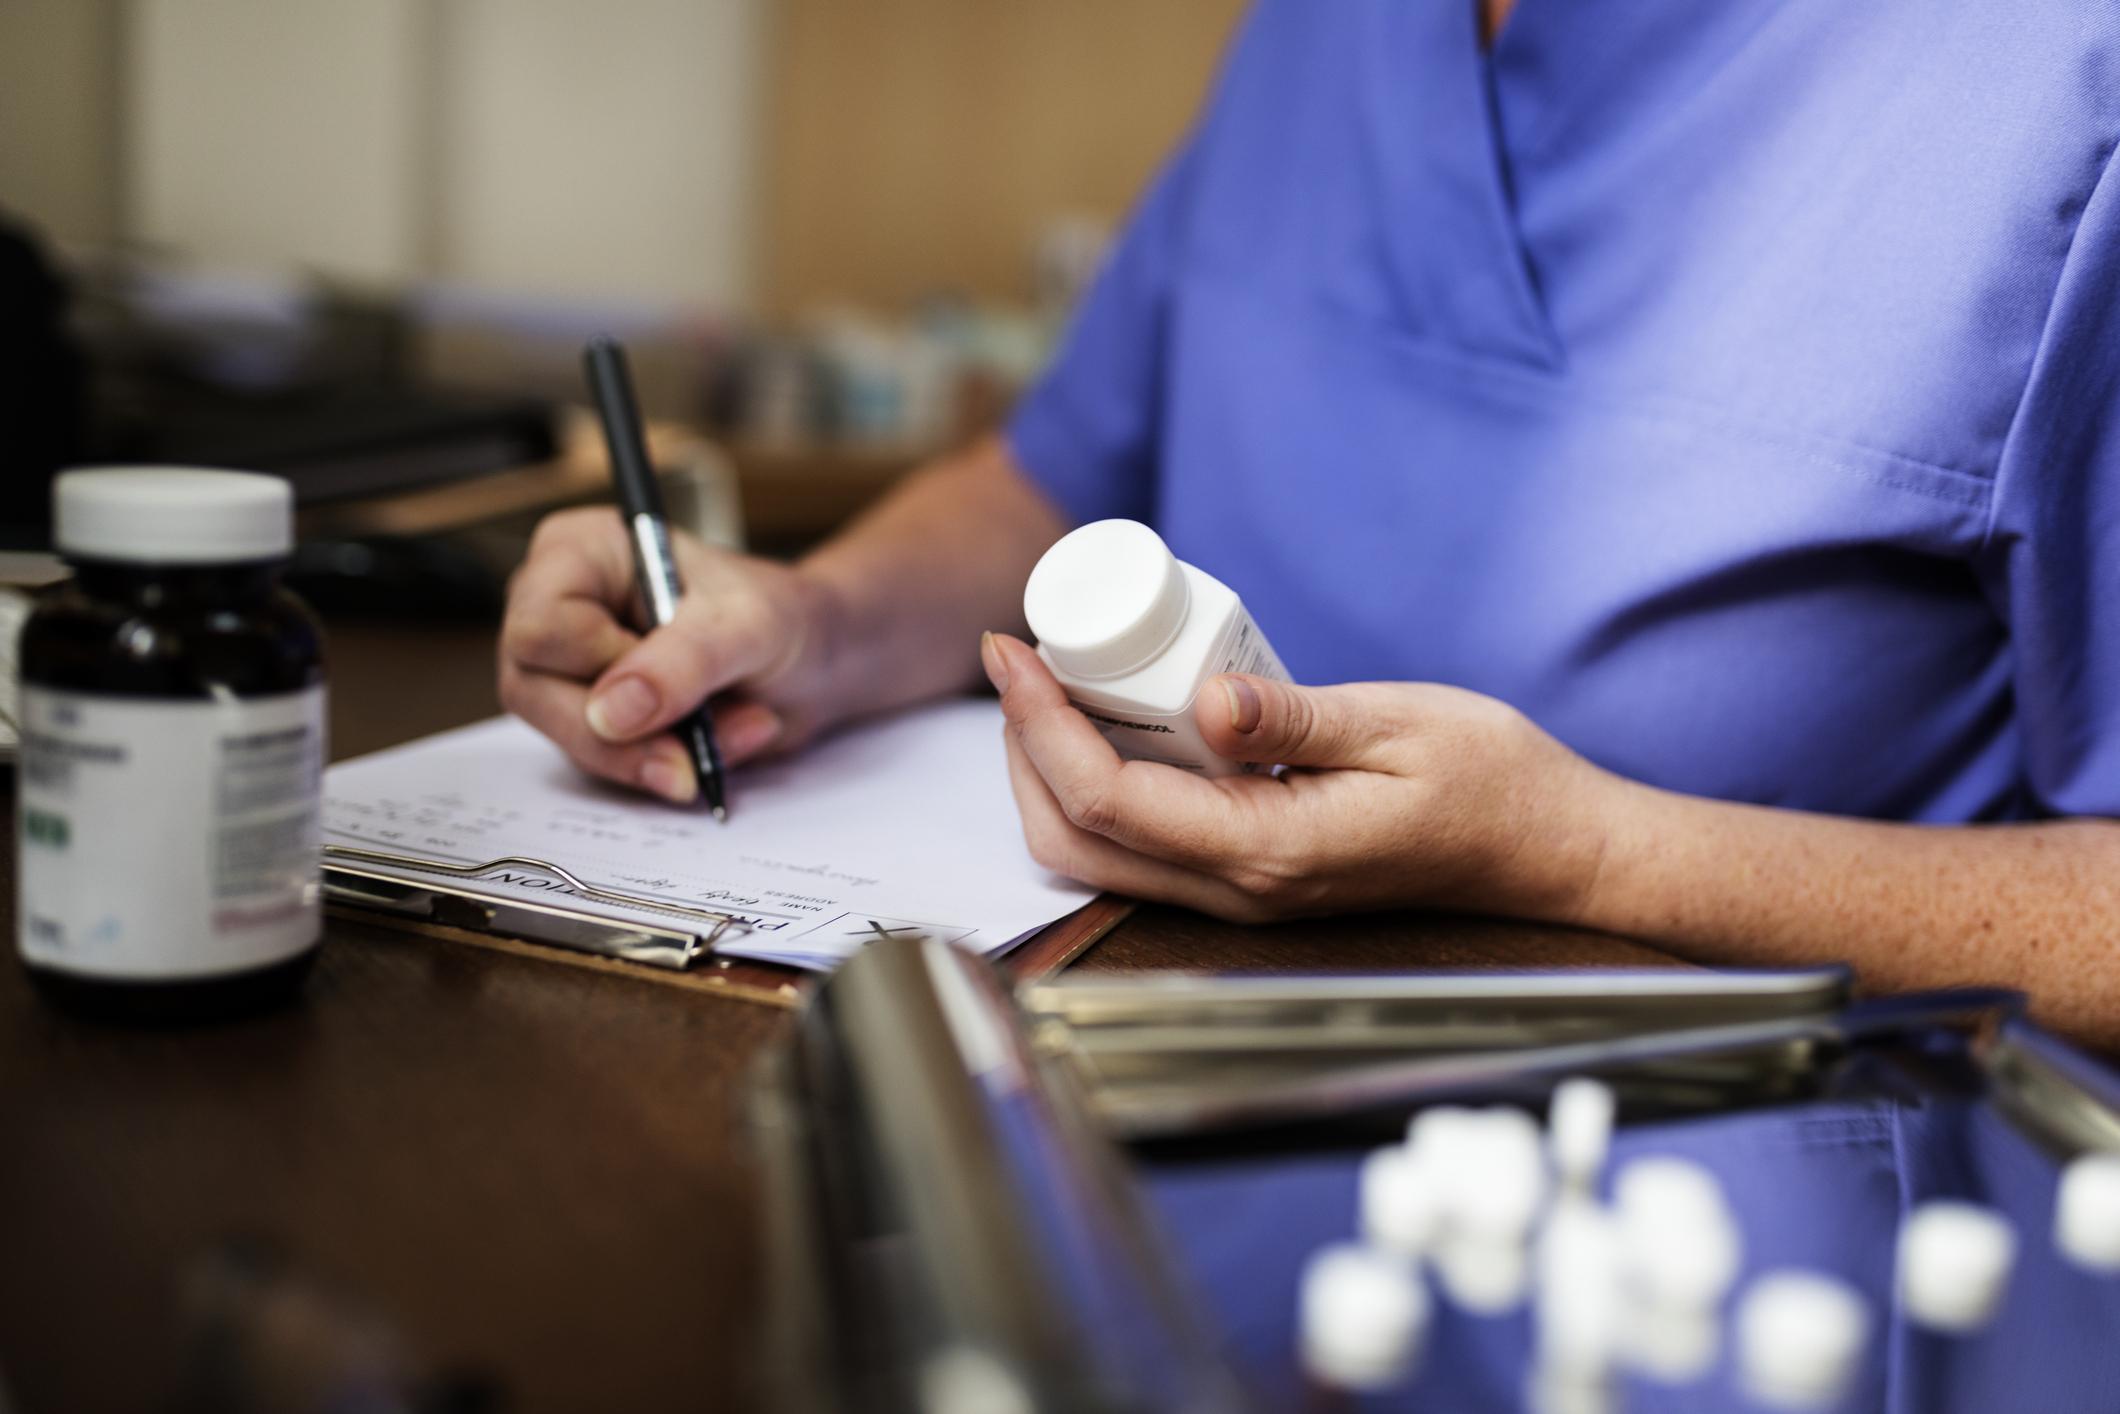 Госдума сняла с медработников уголовную ответственность за утрату наркотических препаратов